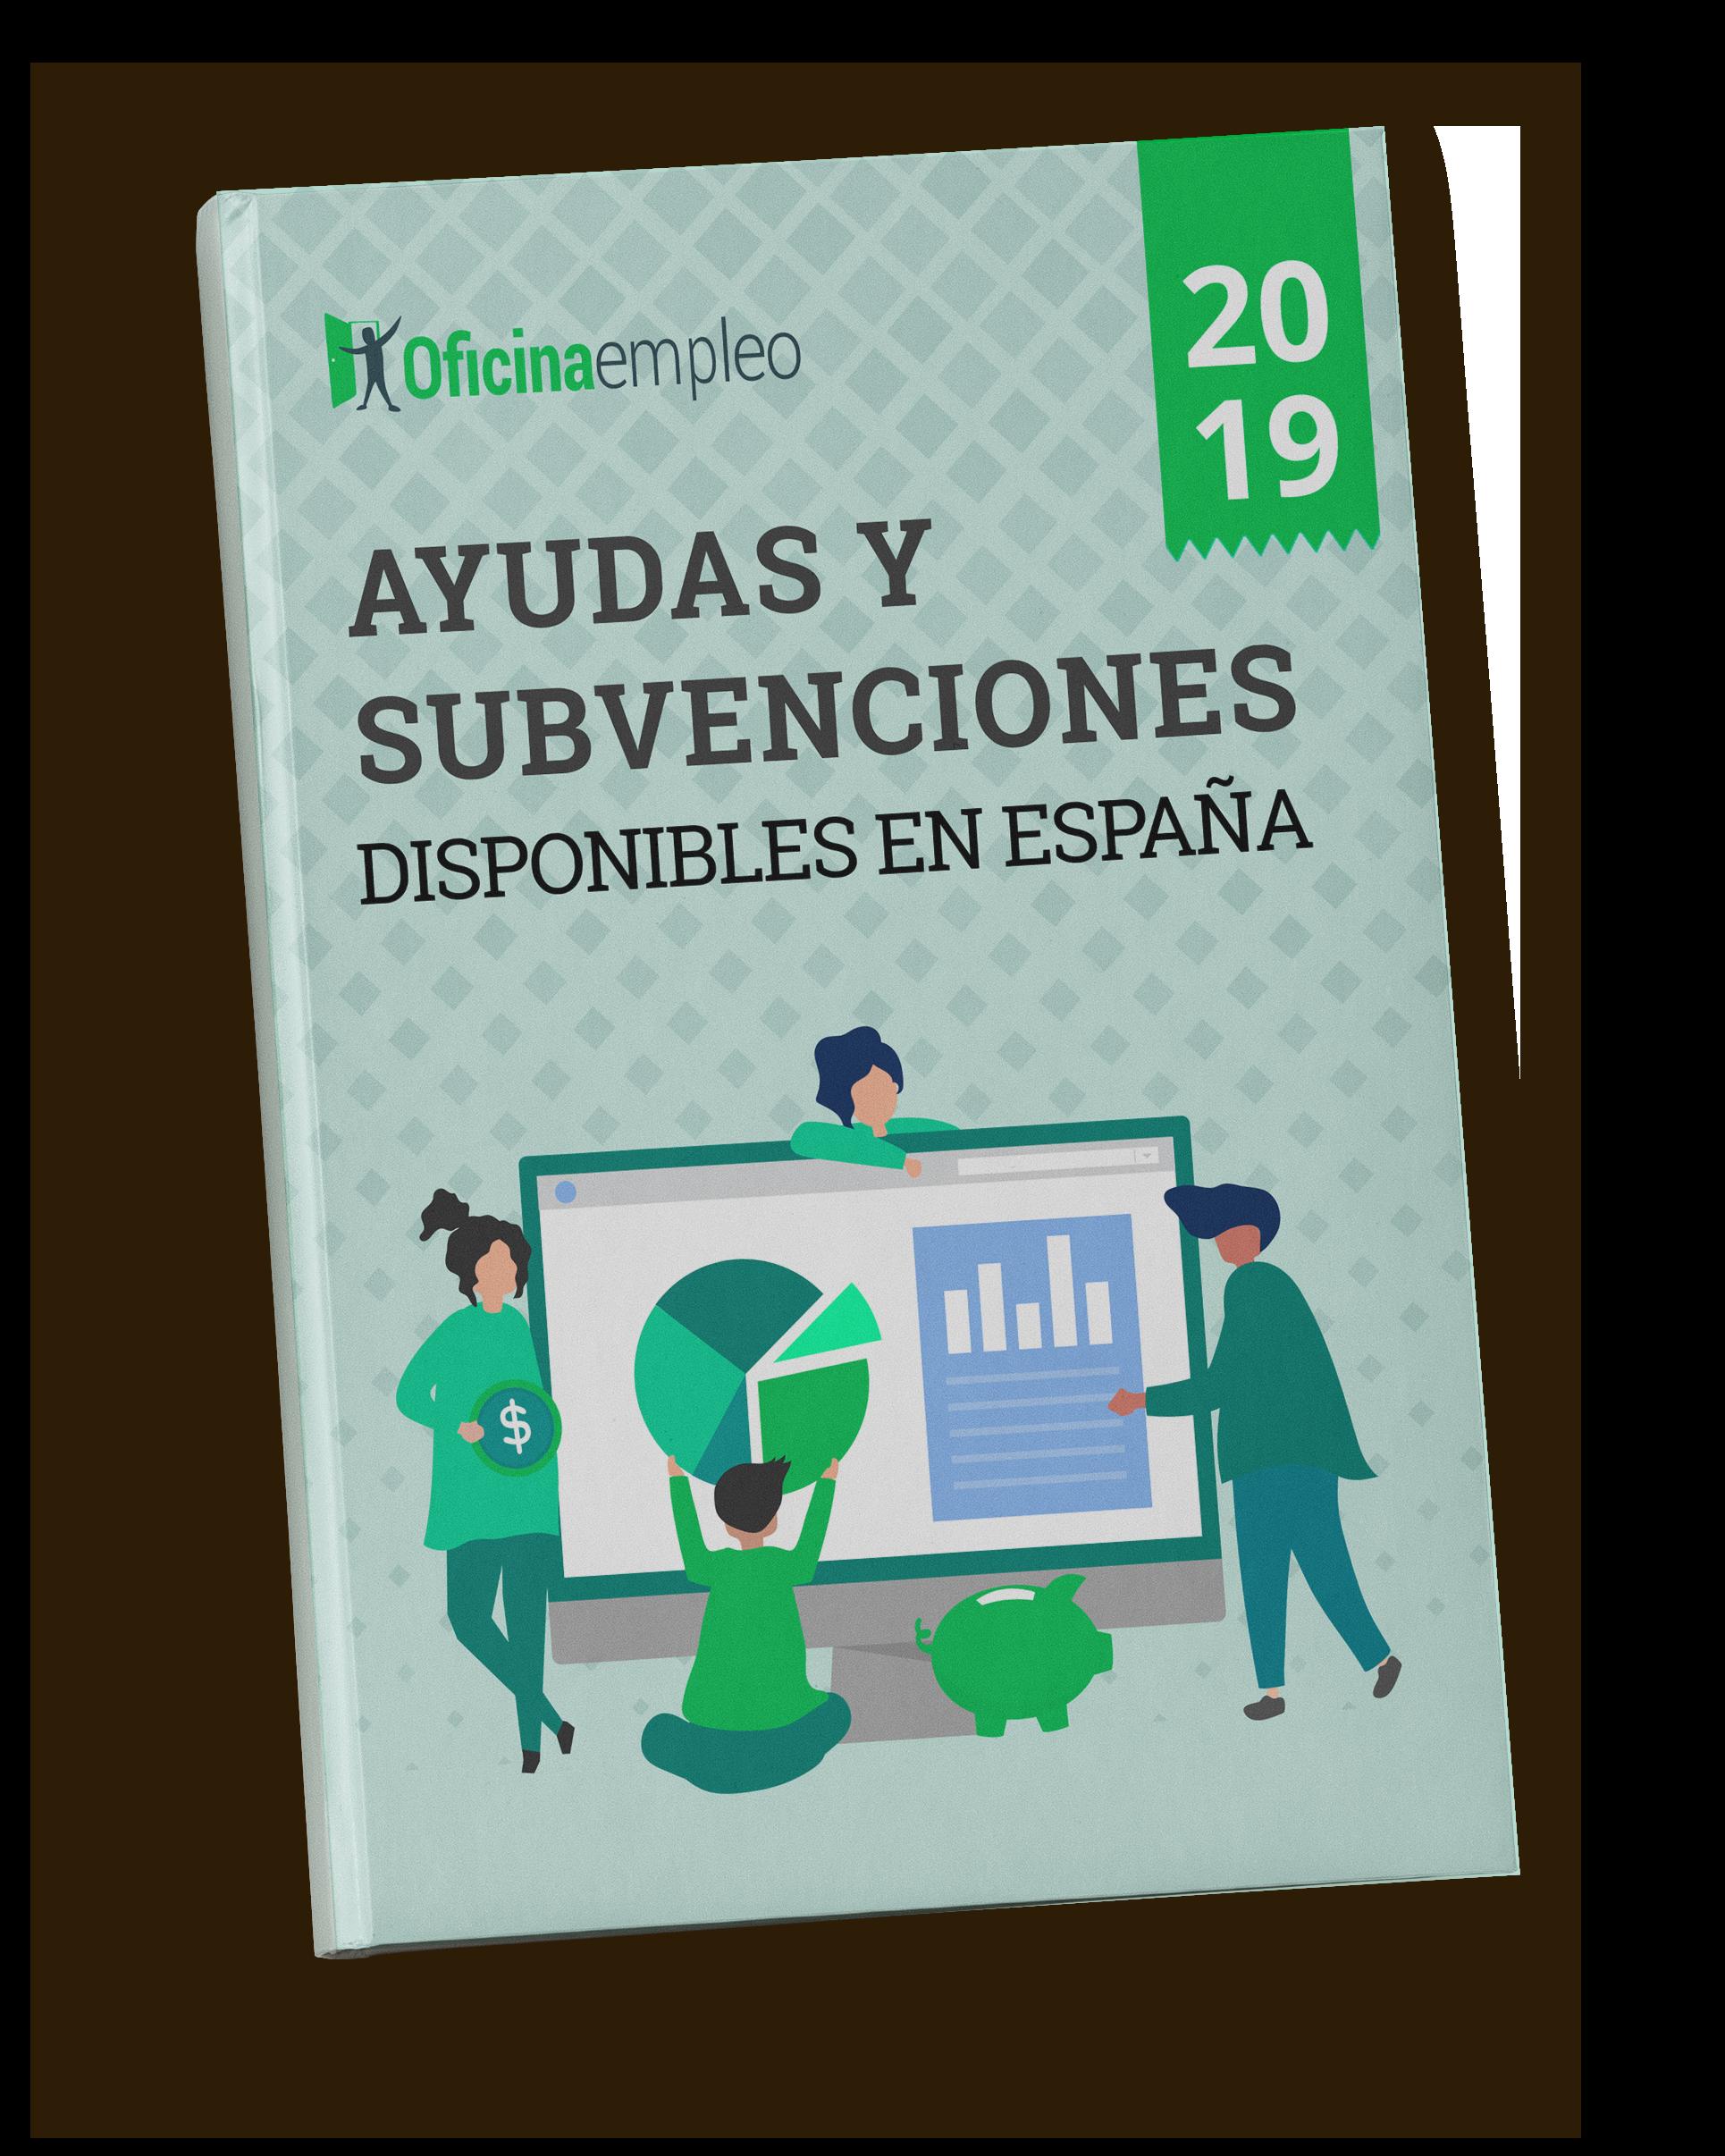 Guía de ayudas y subvenciones disponibles en España en 2019